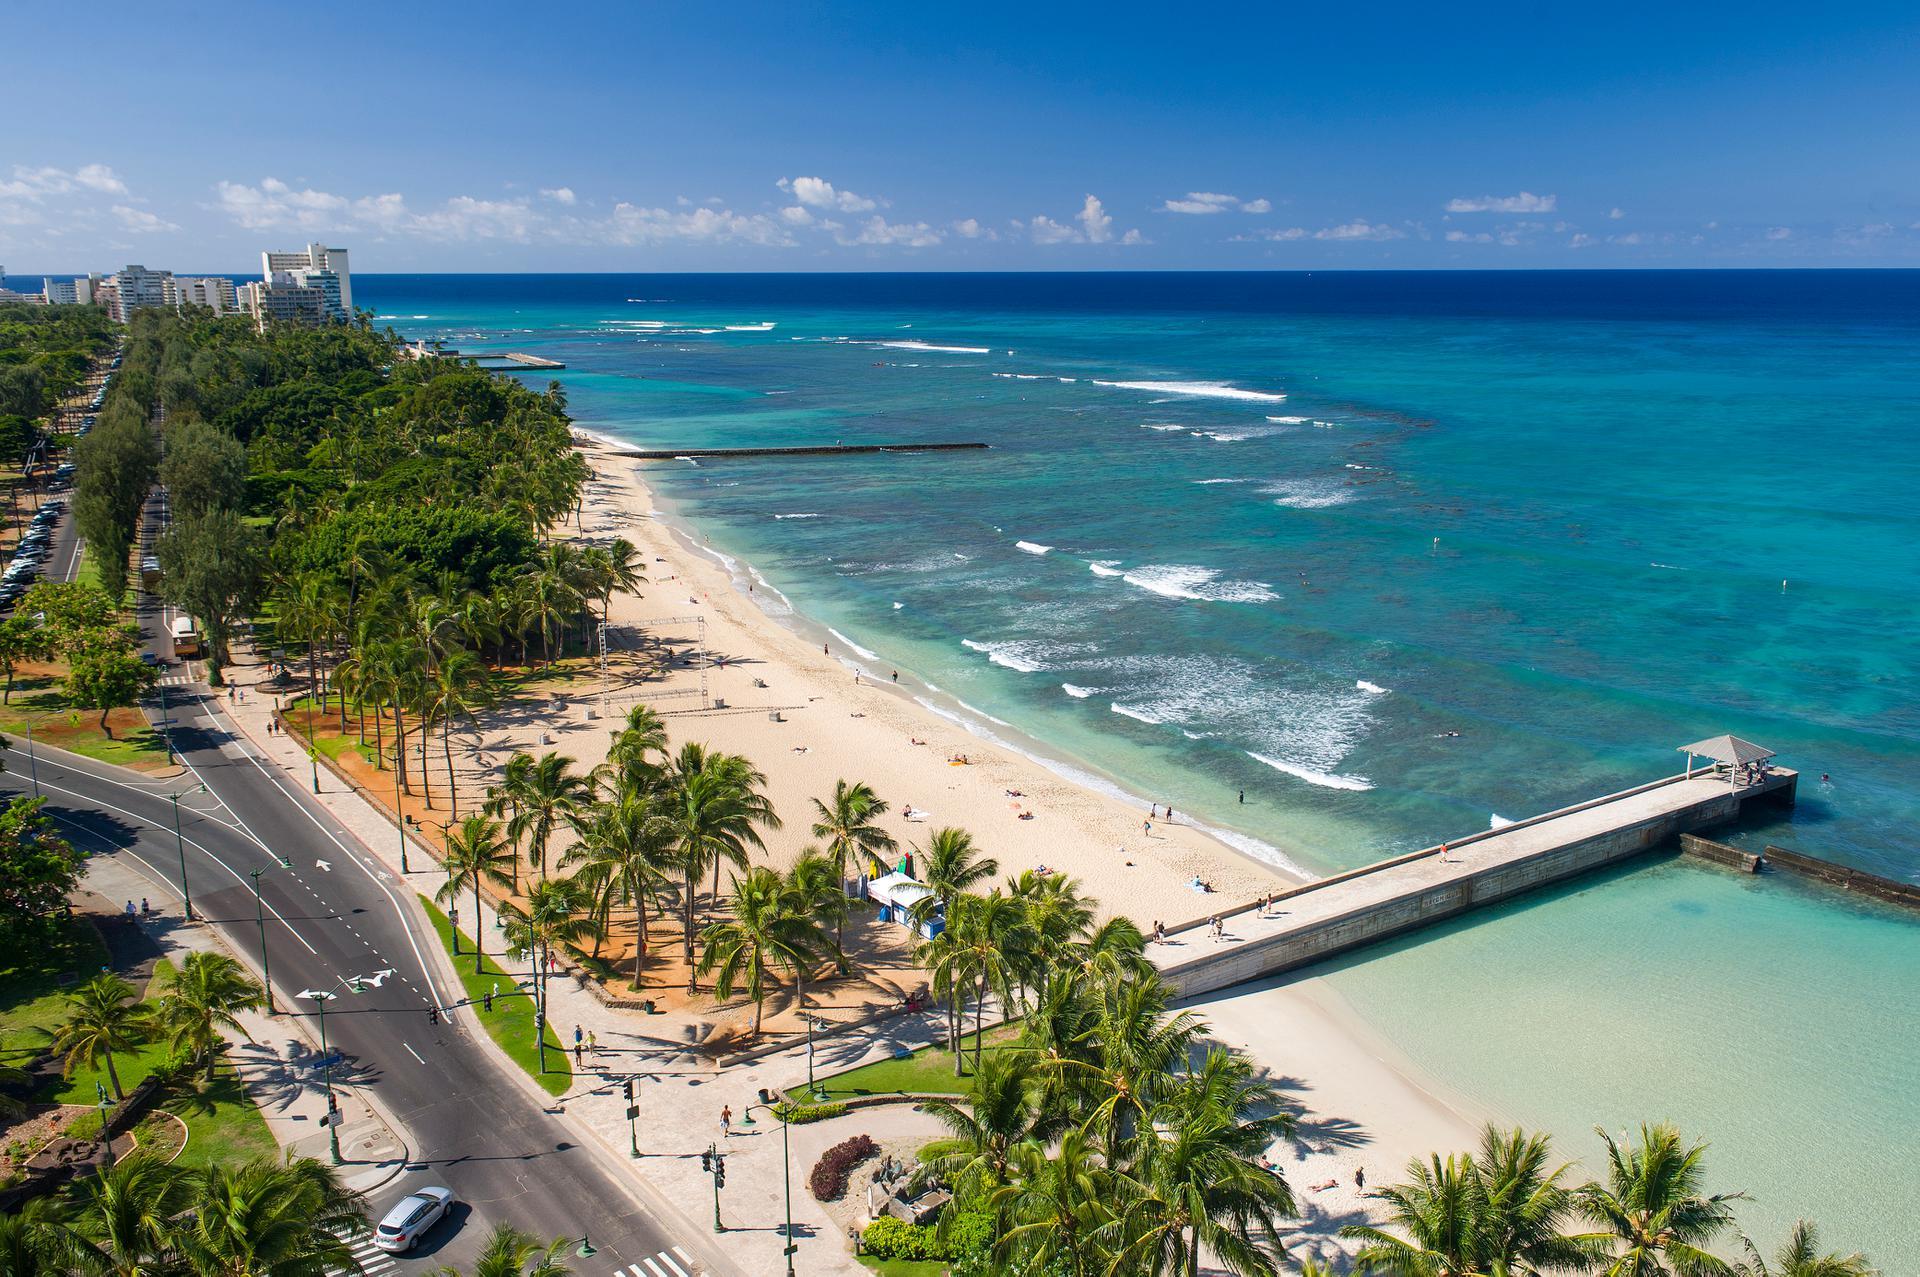 Aston Waikiki Beach Hotel 1920x1277 Jpg